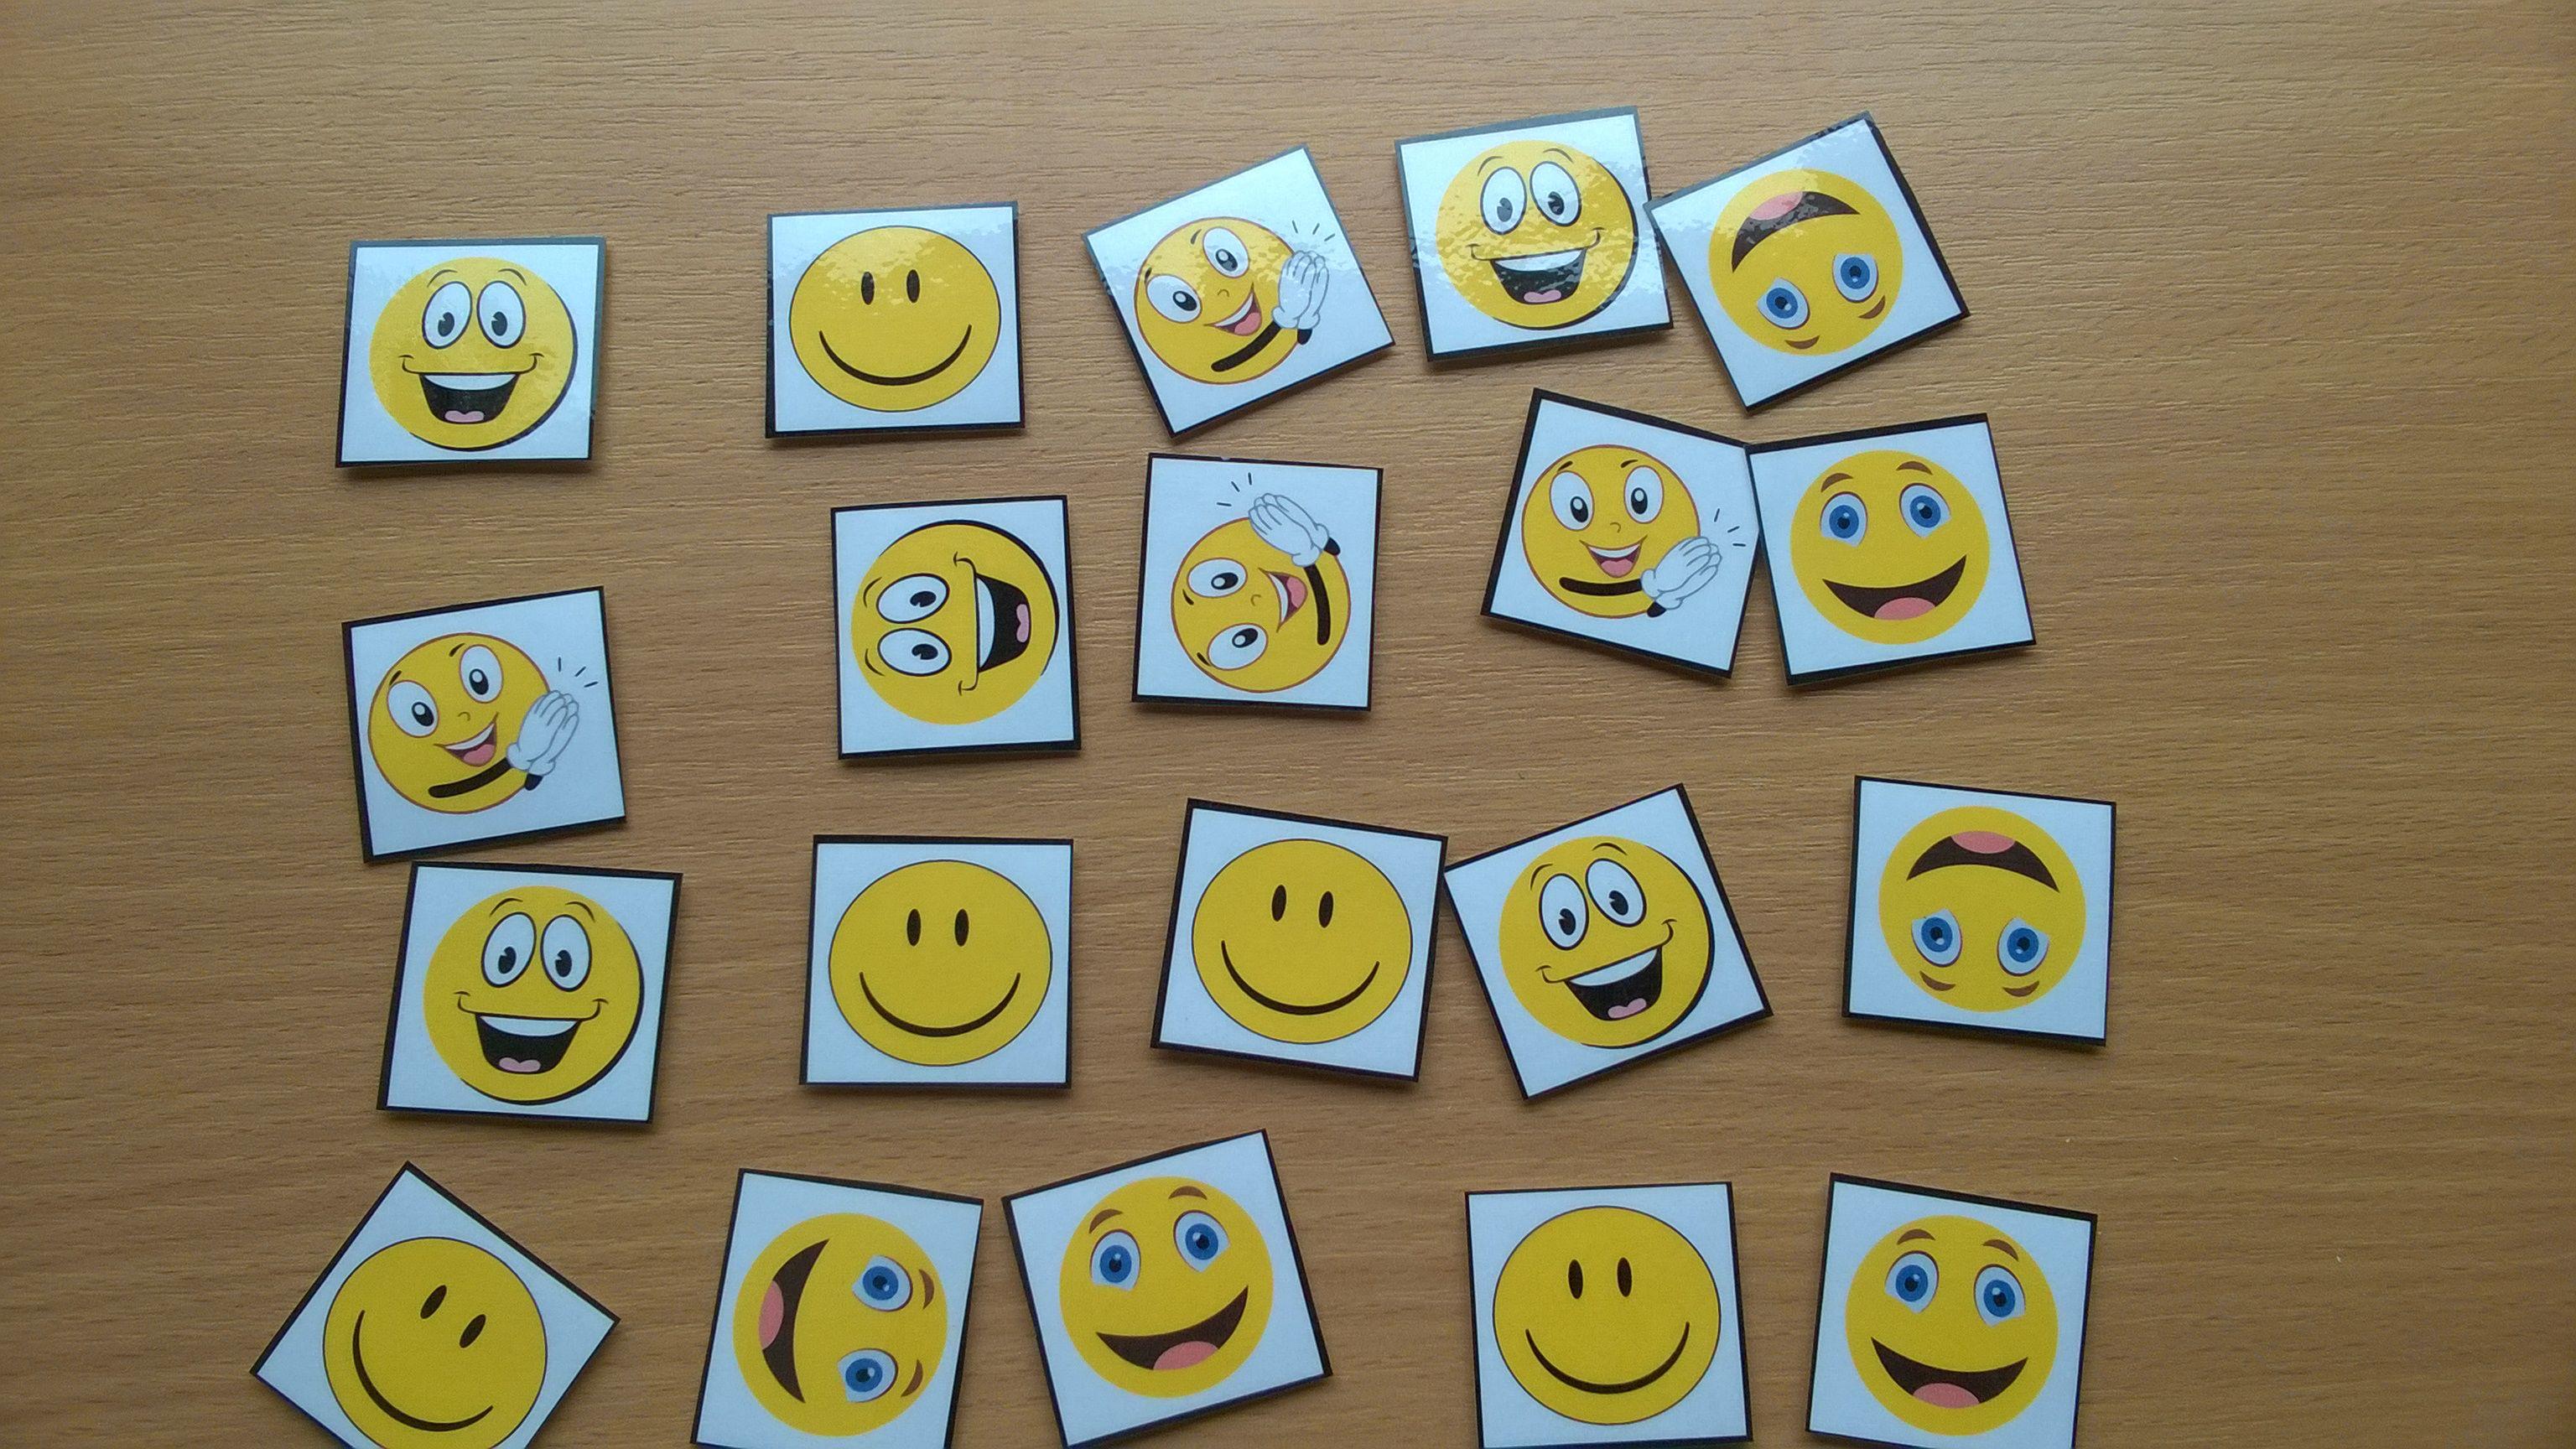 Dodatkowe znaczki motywacyjne do tablicy motywacyjnej 20 szt. - buźki smutne, buźki wesołe, serca